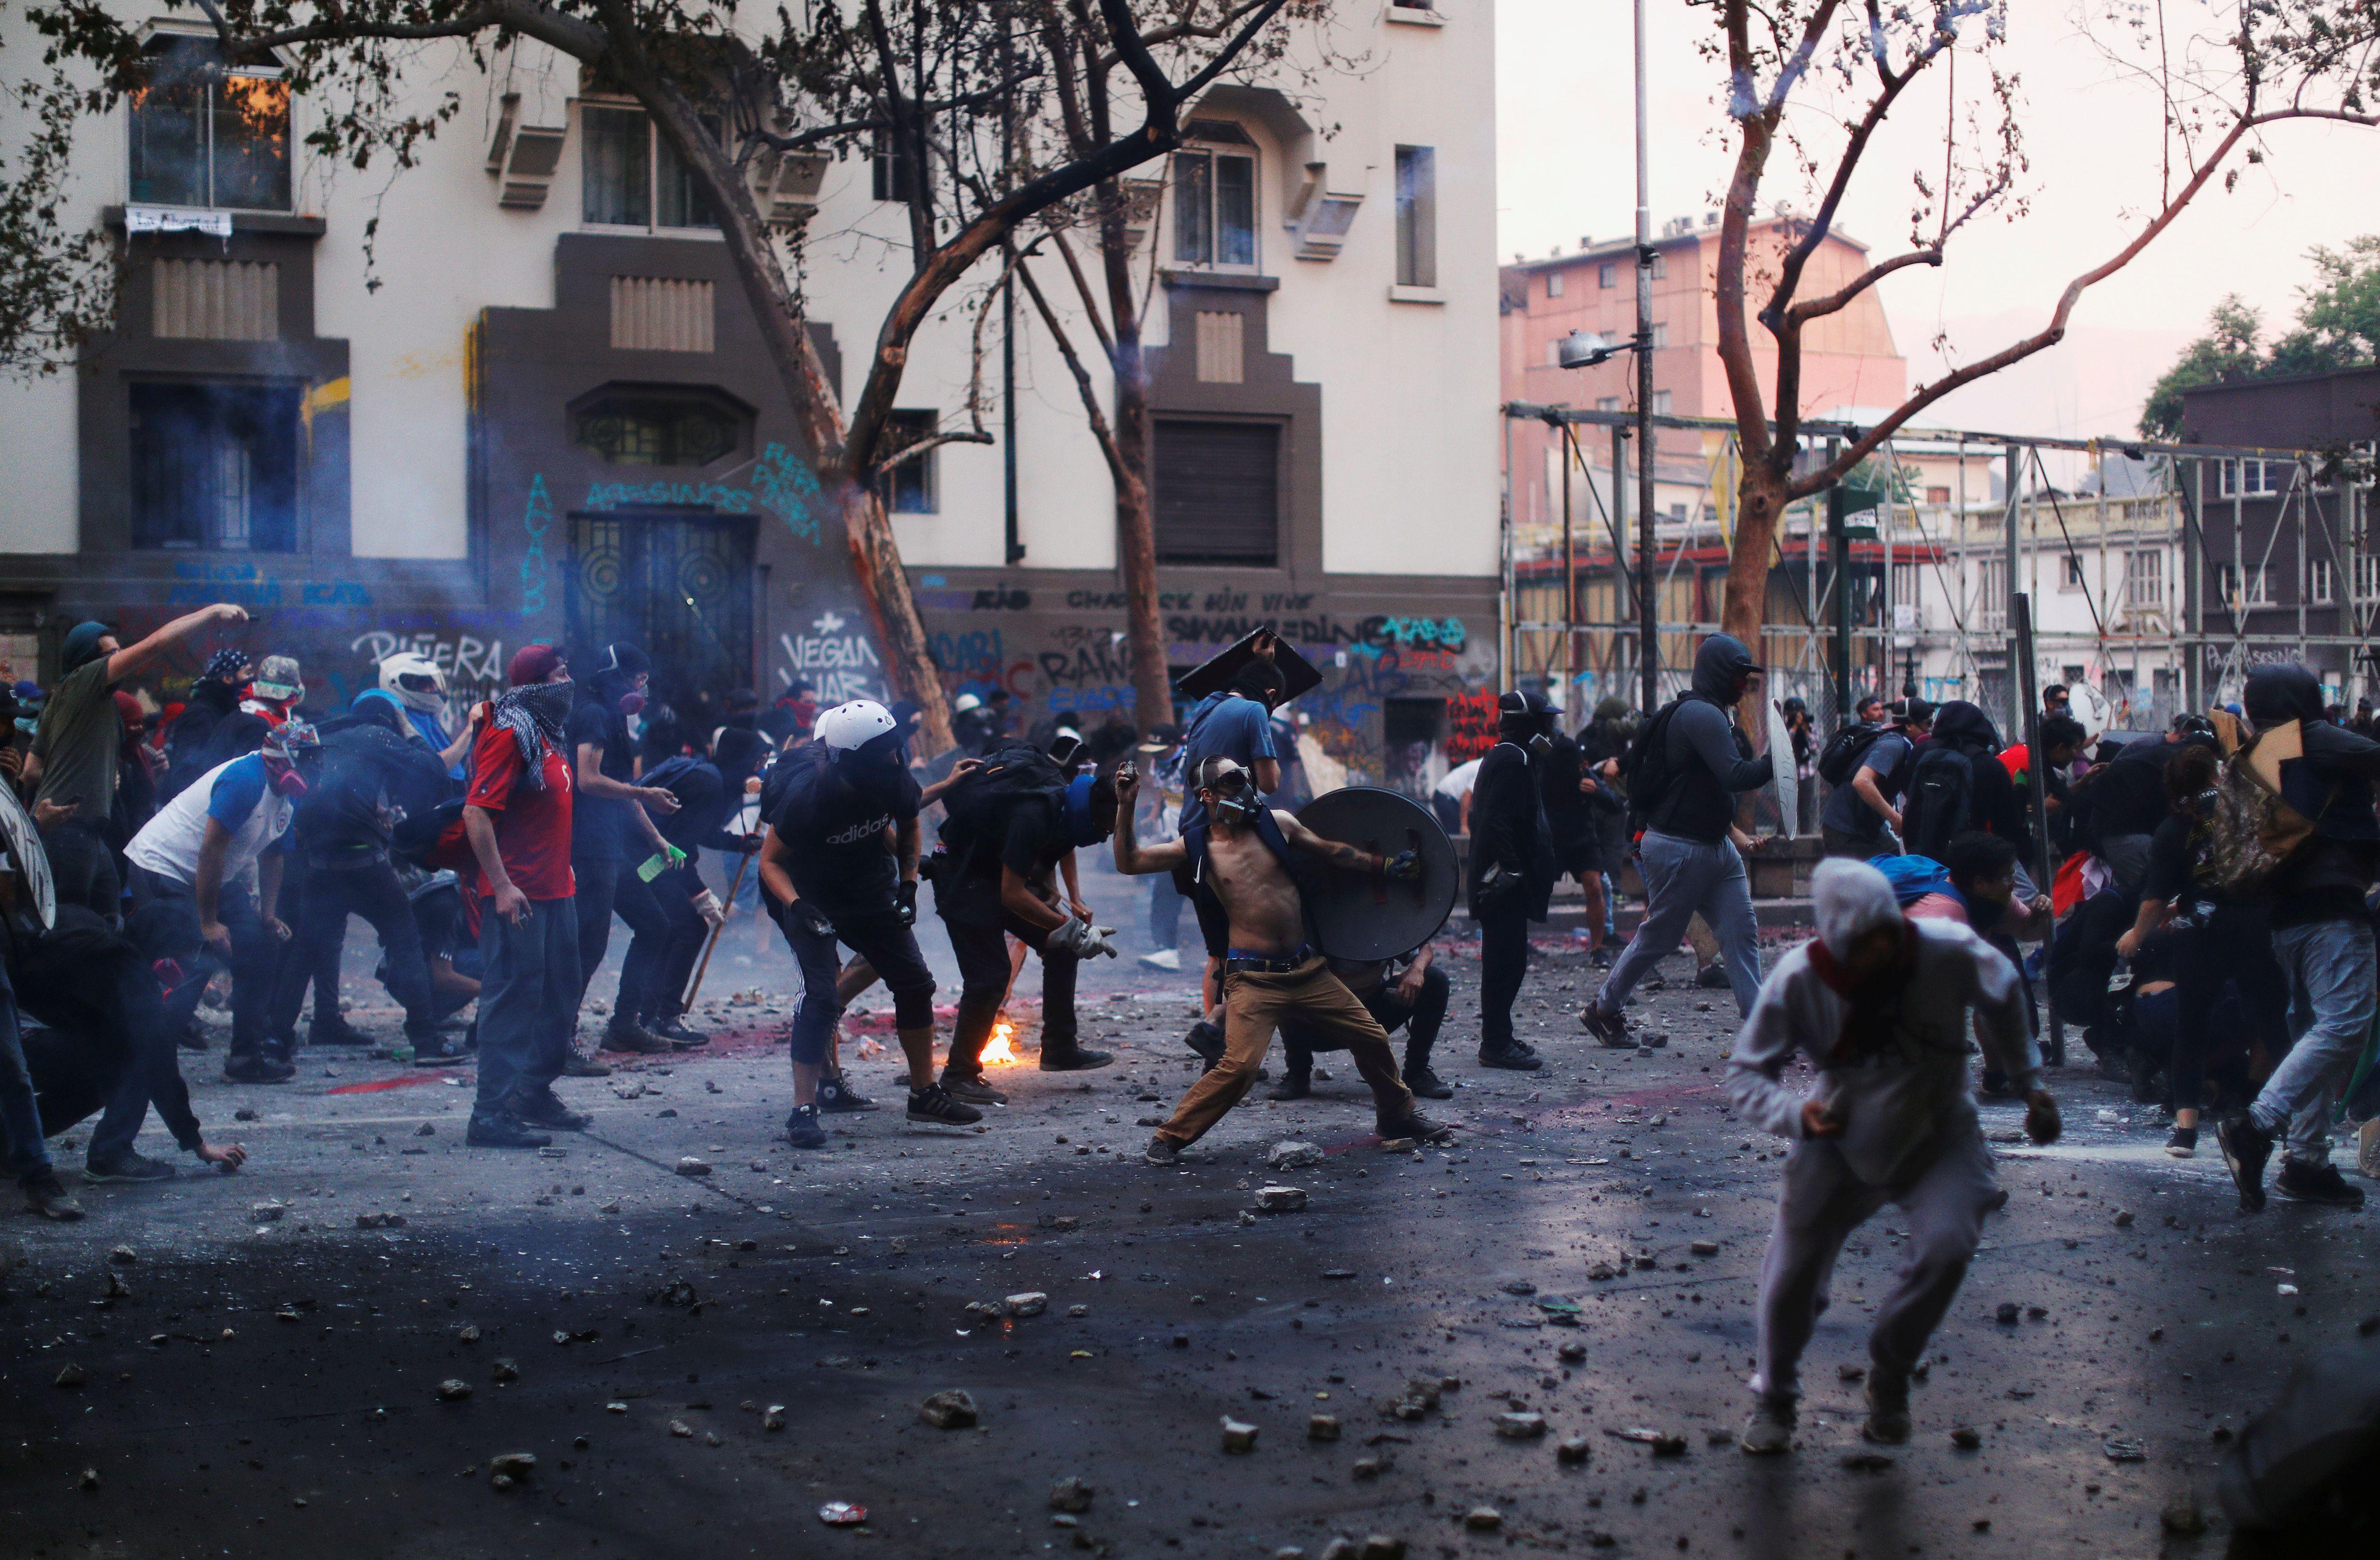 El Grupo de Puebla le pide a Sebastián Piñera que atienda los reclamos de los chilenos / REUTERS/Jorge Silva